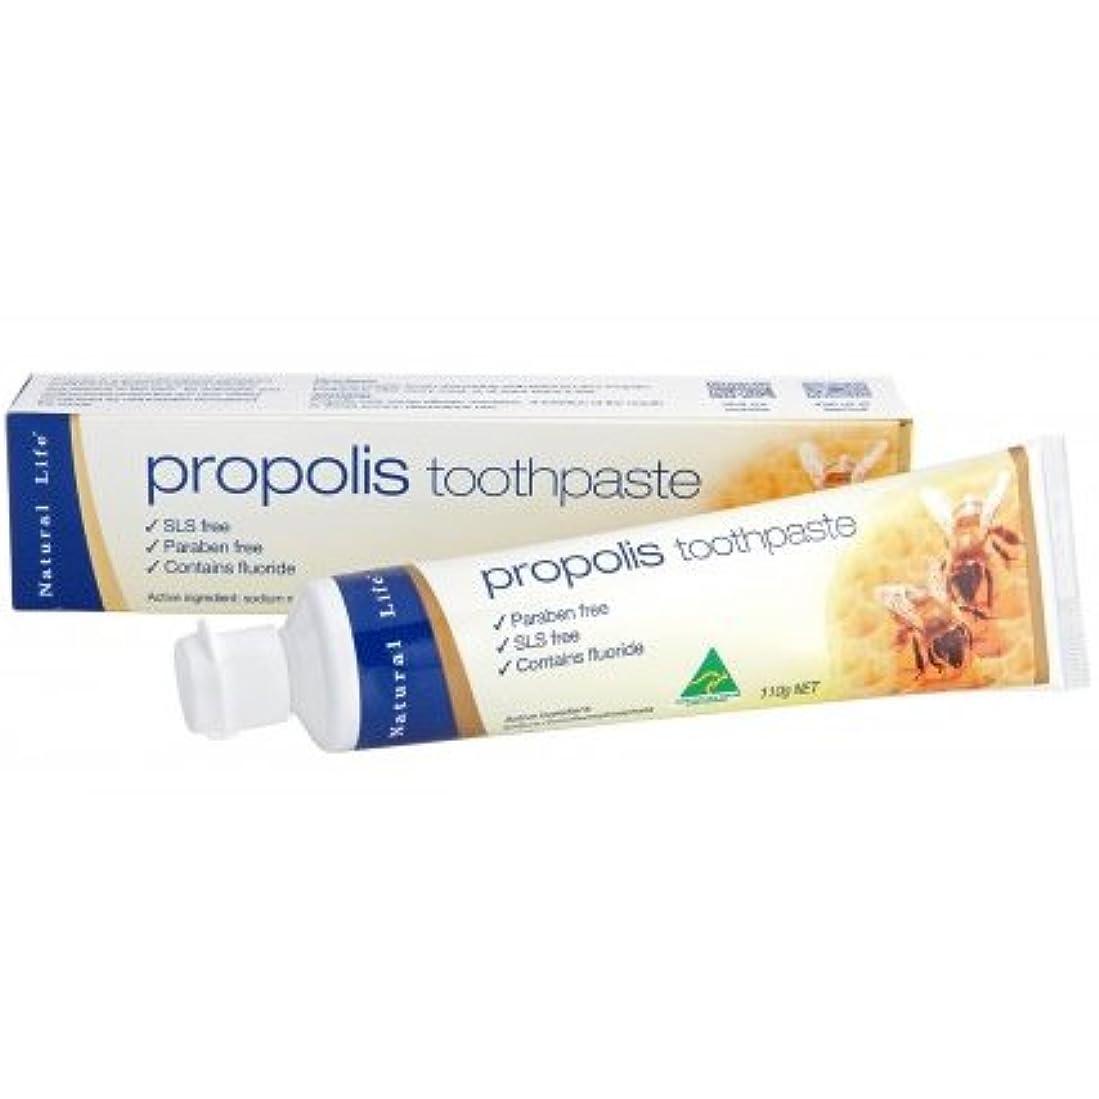 プロポリス 歯磨き粉 110g オーストラリア産 [海外直送品]